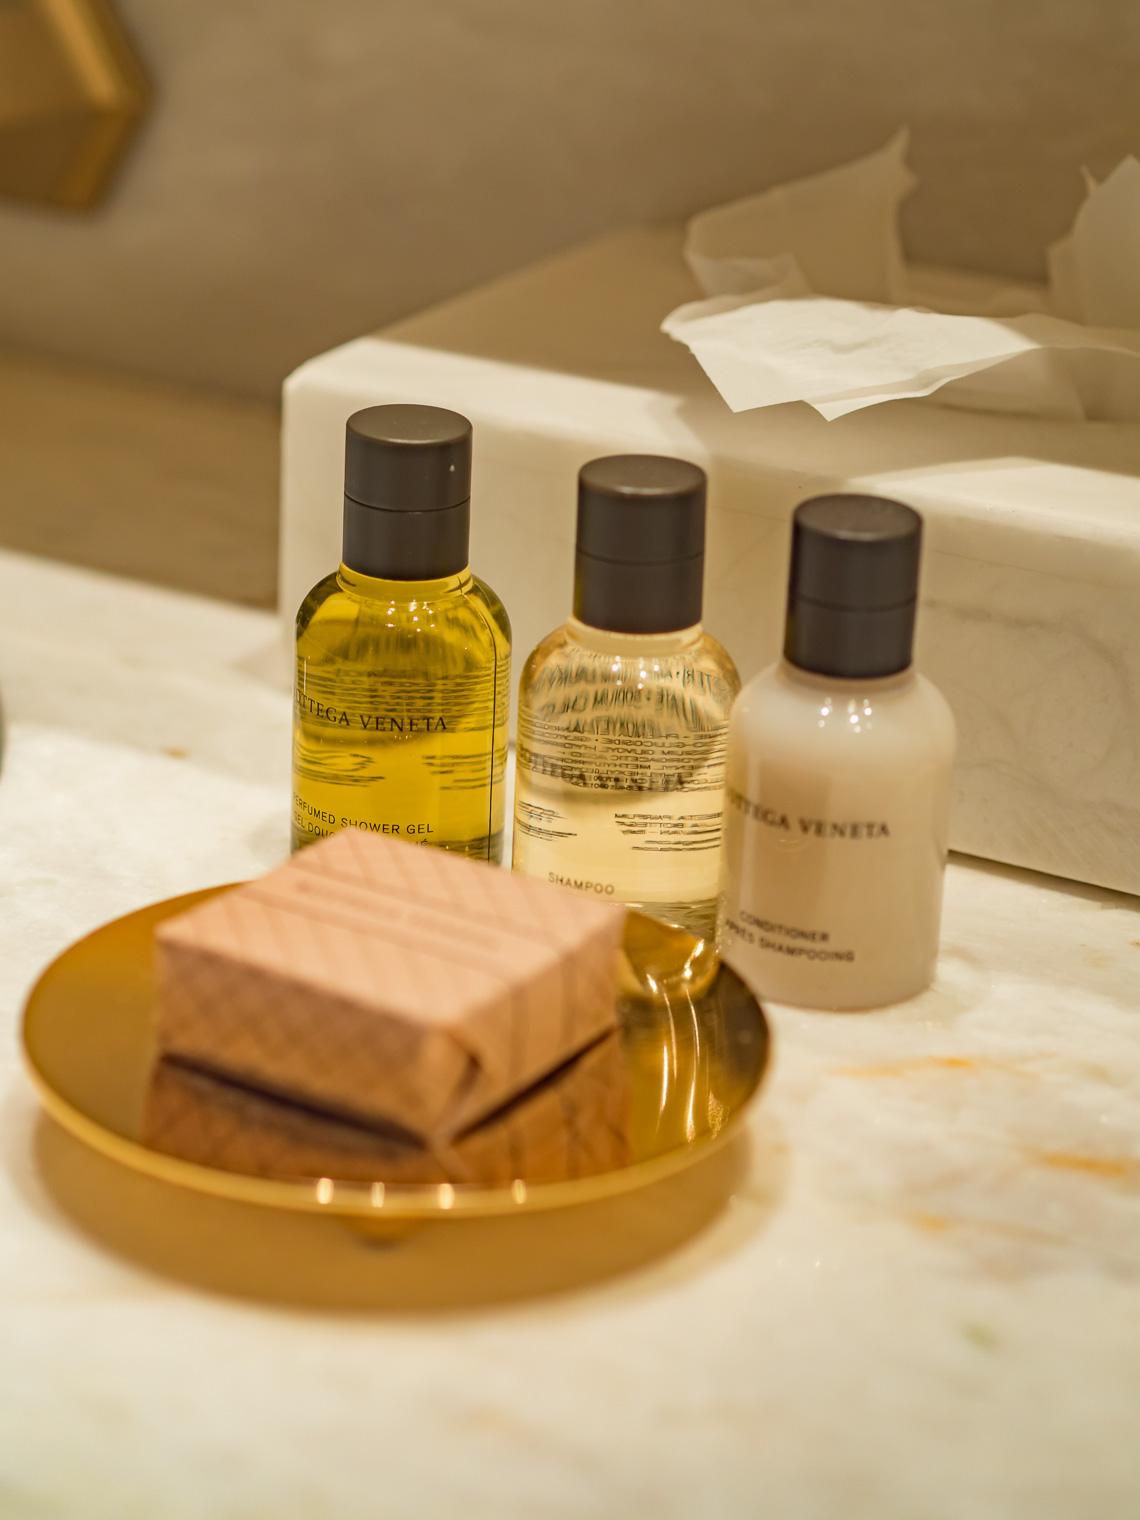 Bottega Veneta shower gel at Hotel Eden Rome